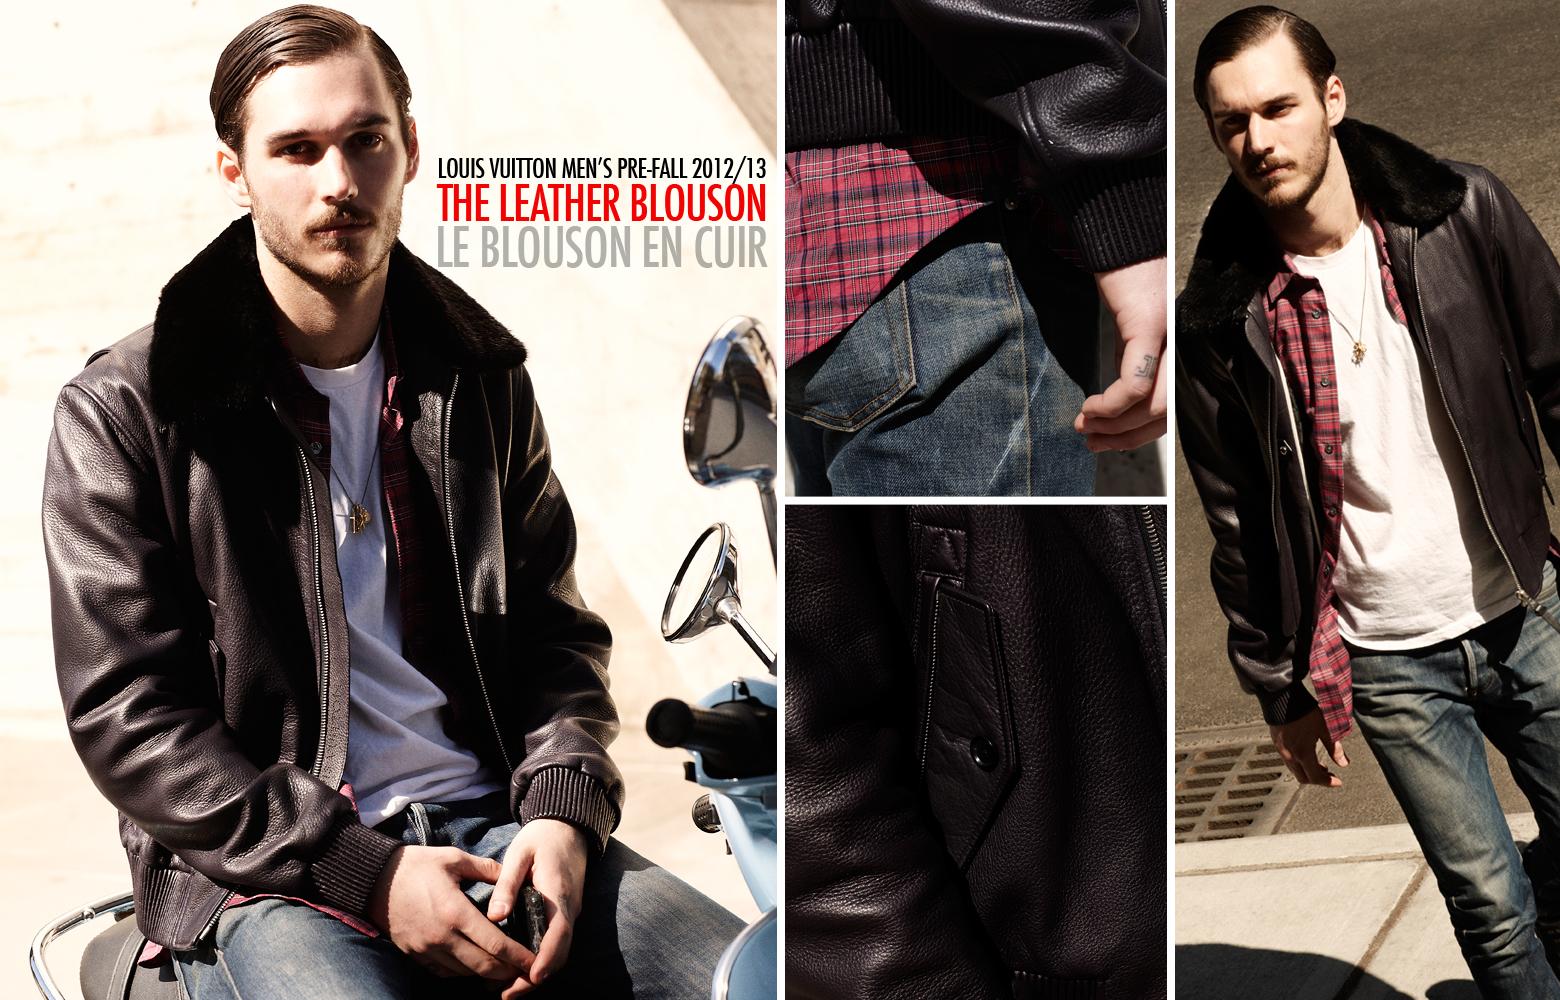 39e08435e895 Louis Vuitton Fall 2012 2013 Men s Pre-Collection - The Leather Blouson